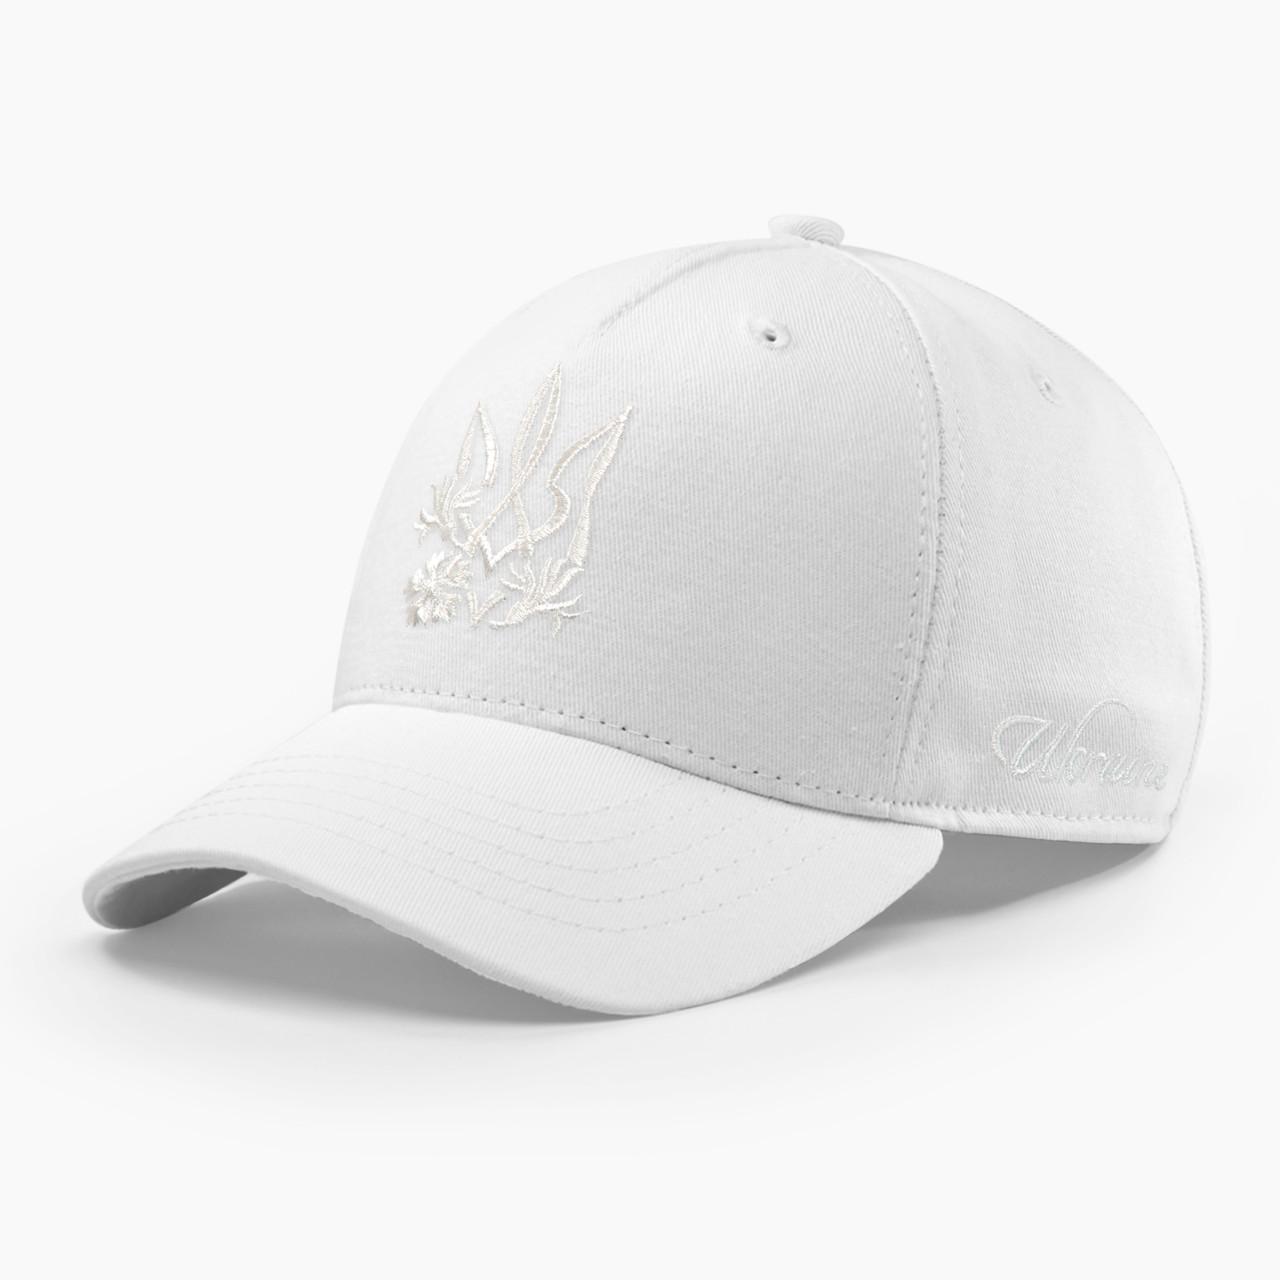 Женская кепка бейсболка INAL с cимволикой Украины M / 55-56 RU Белый 28755